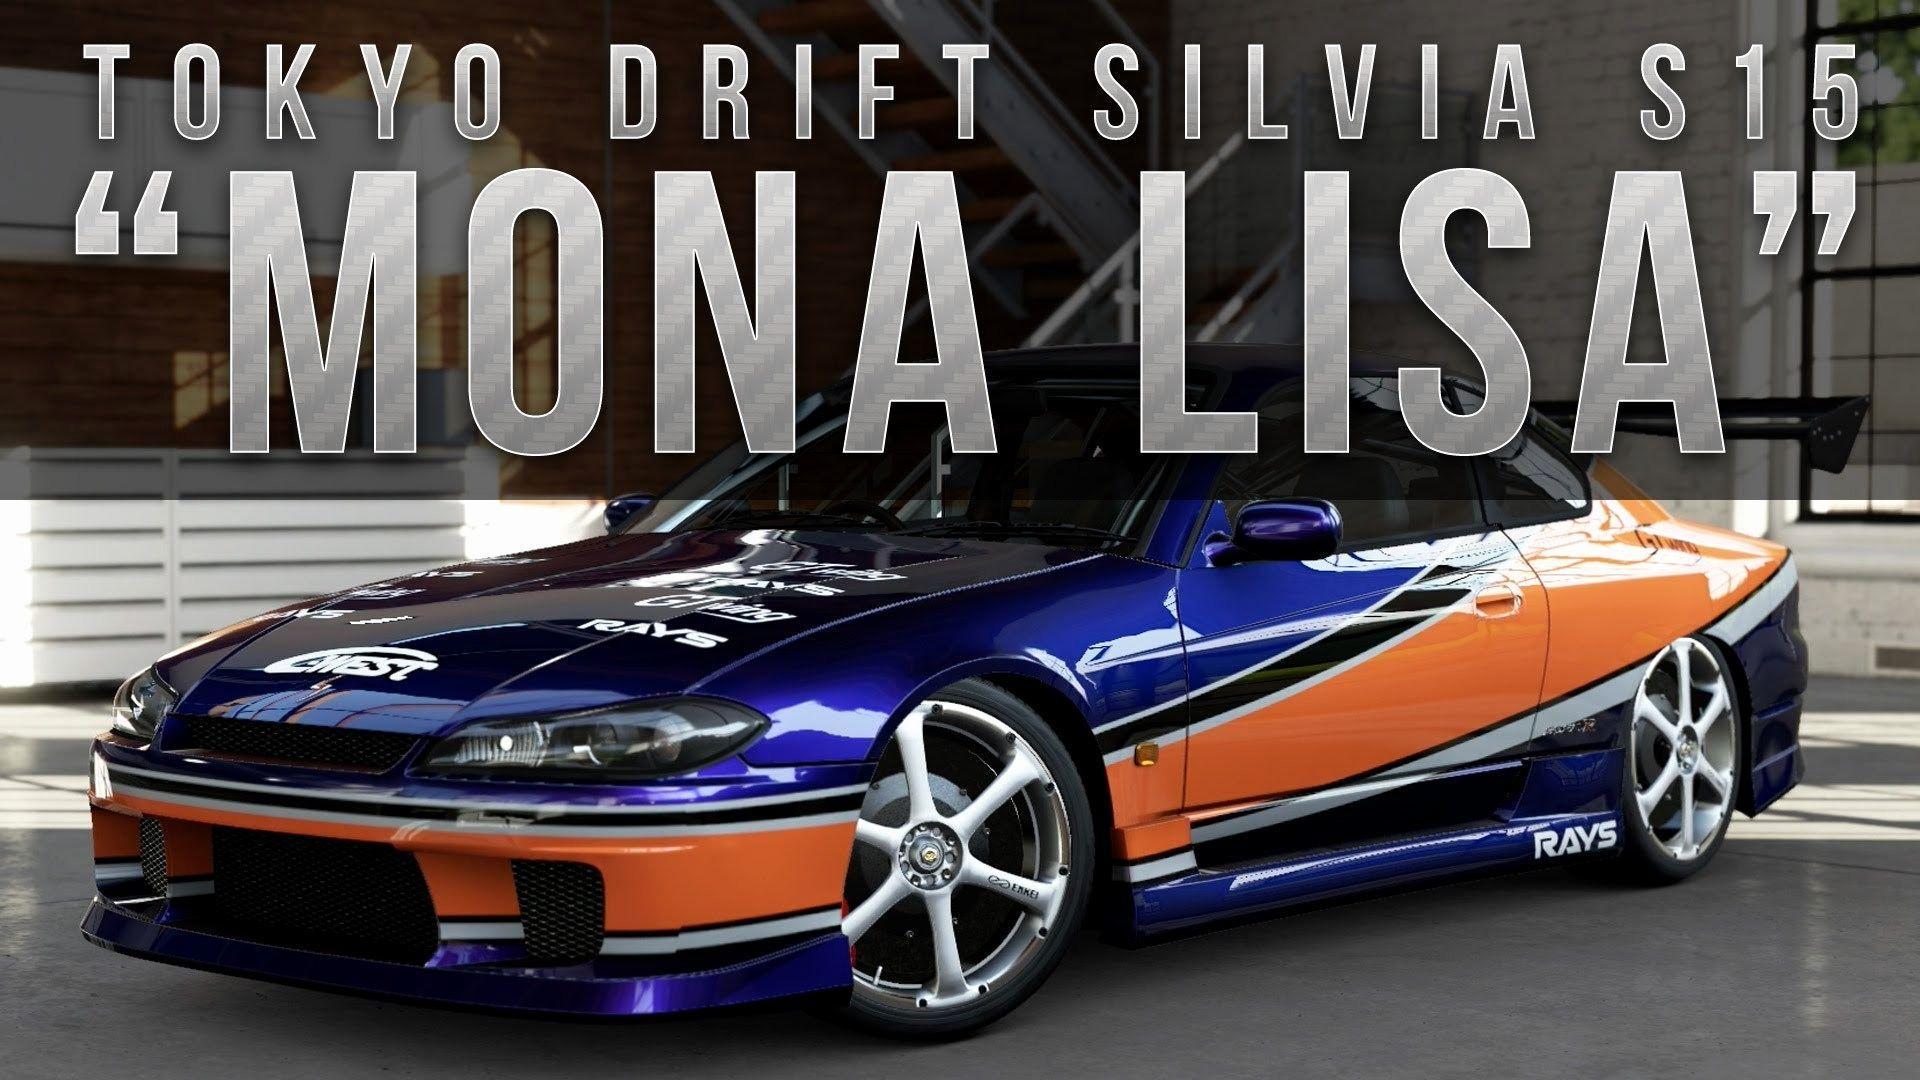 Tokyo Drift Cars Wallpapers Top Free Tokyo Drift Cars